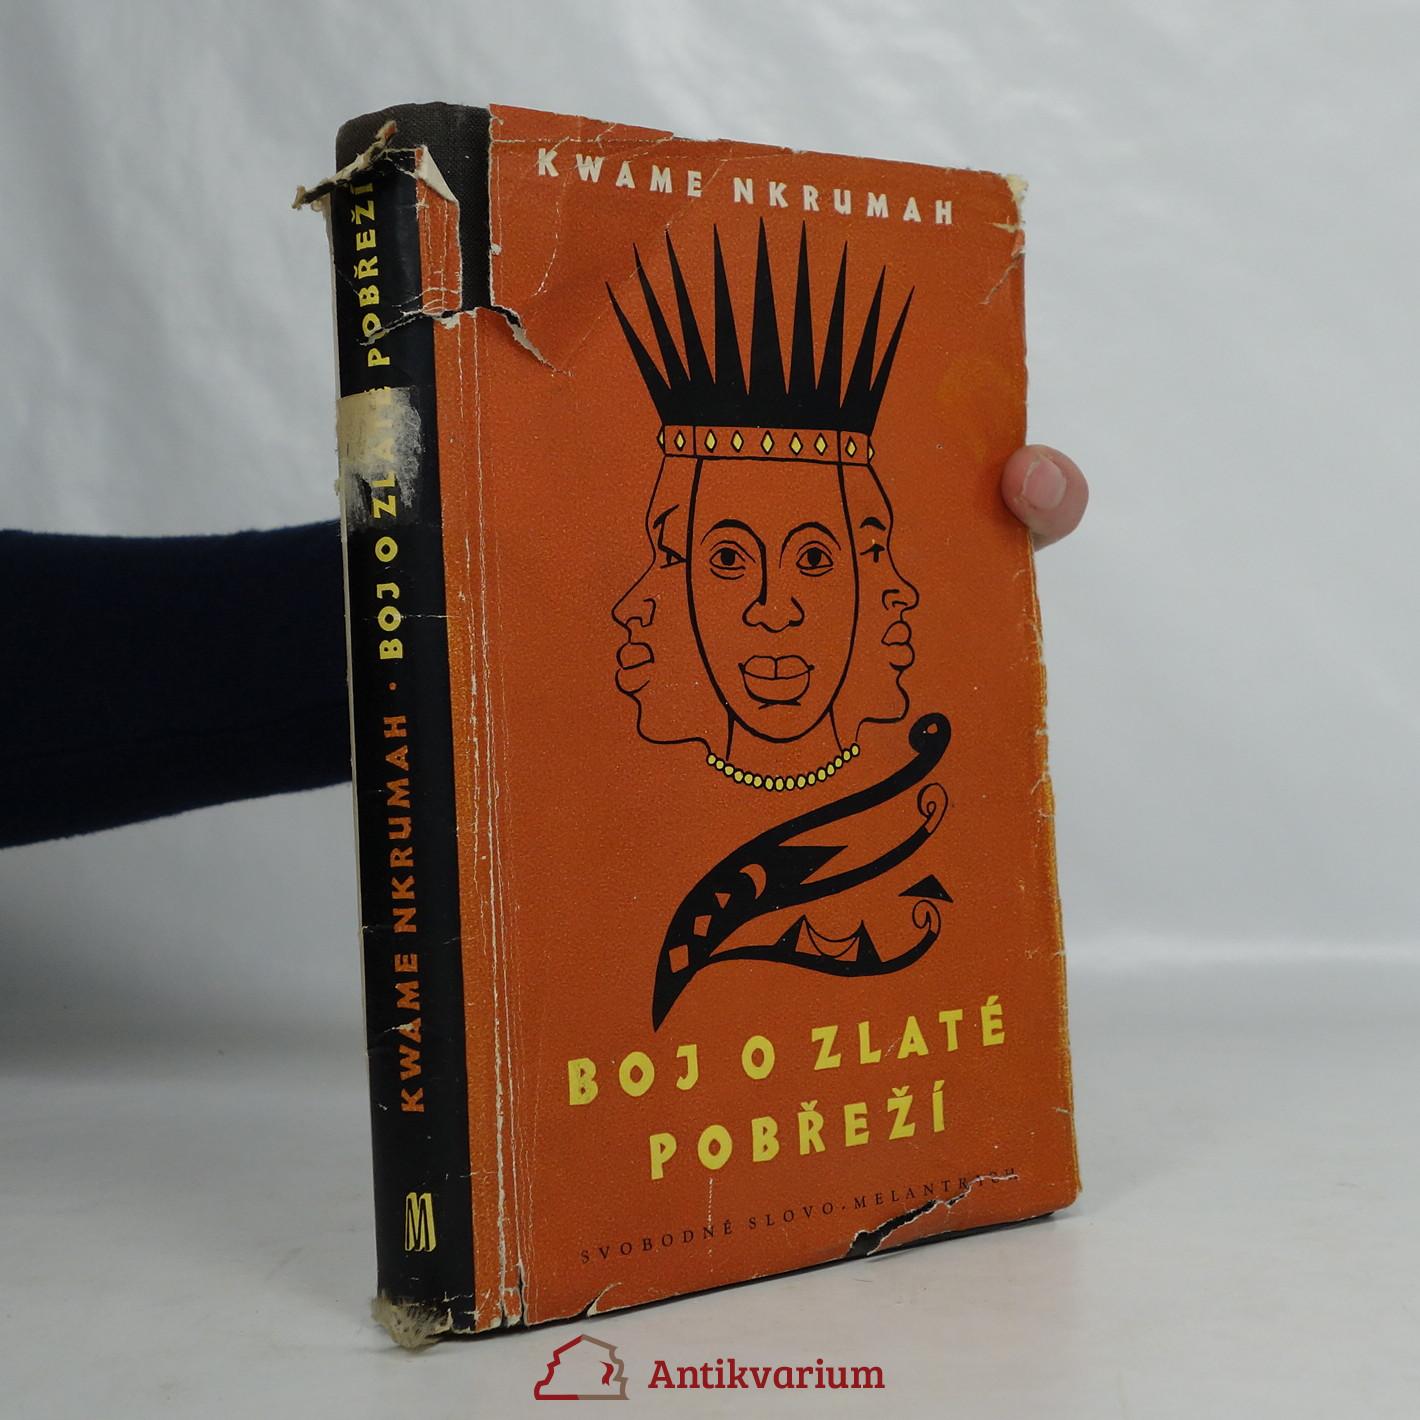 antikvární kniha Boj o Zlaté pobřeží, 1958